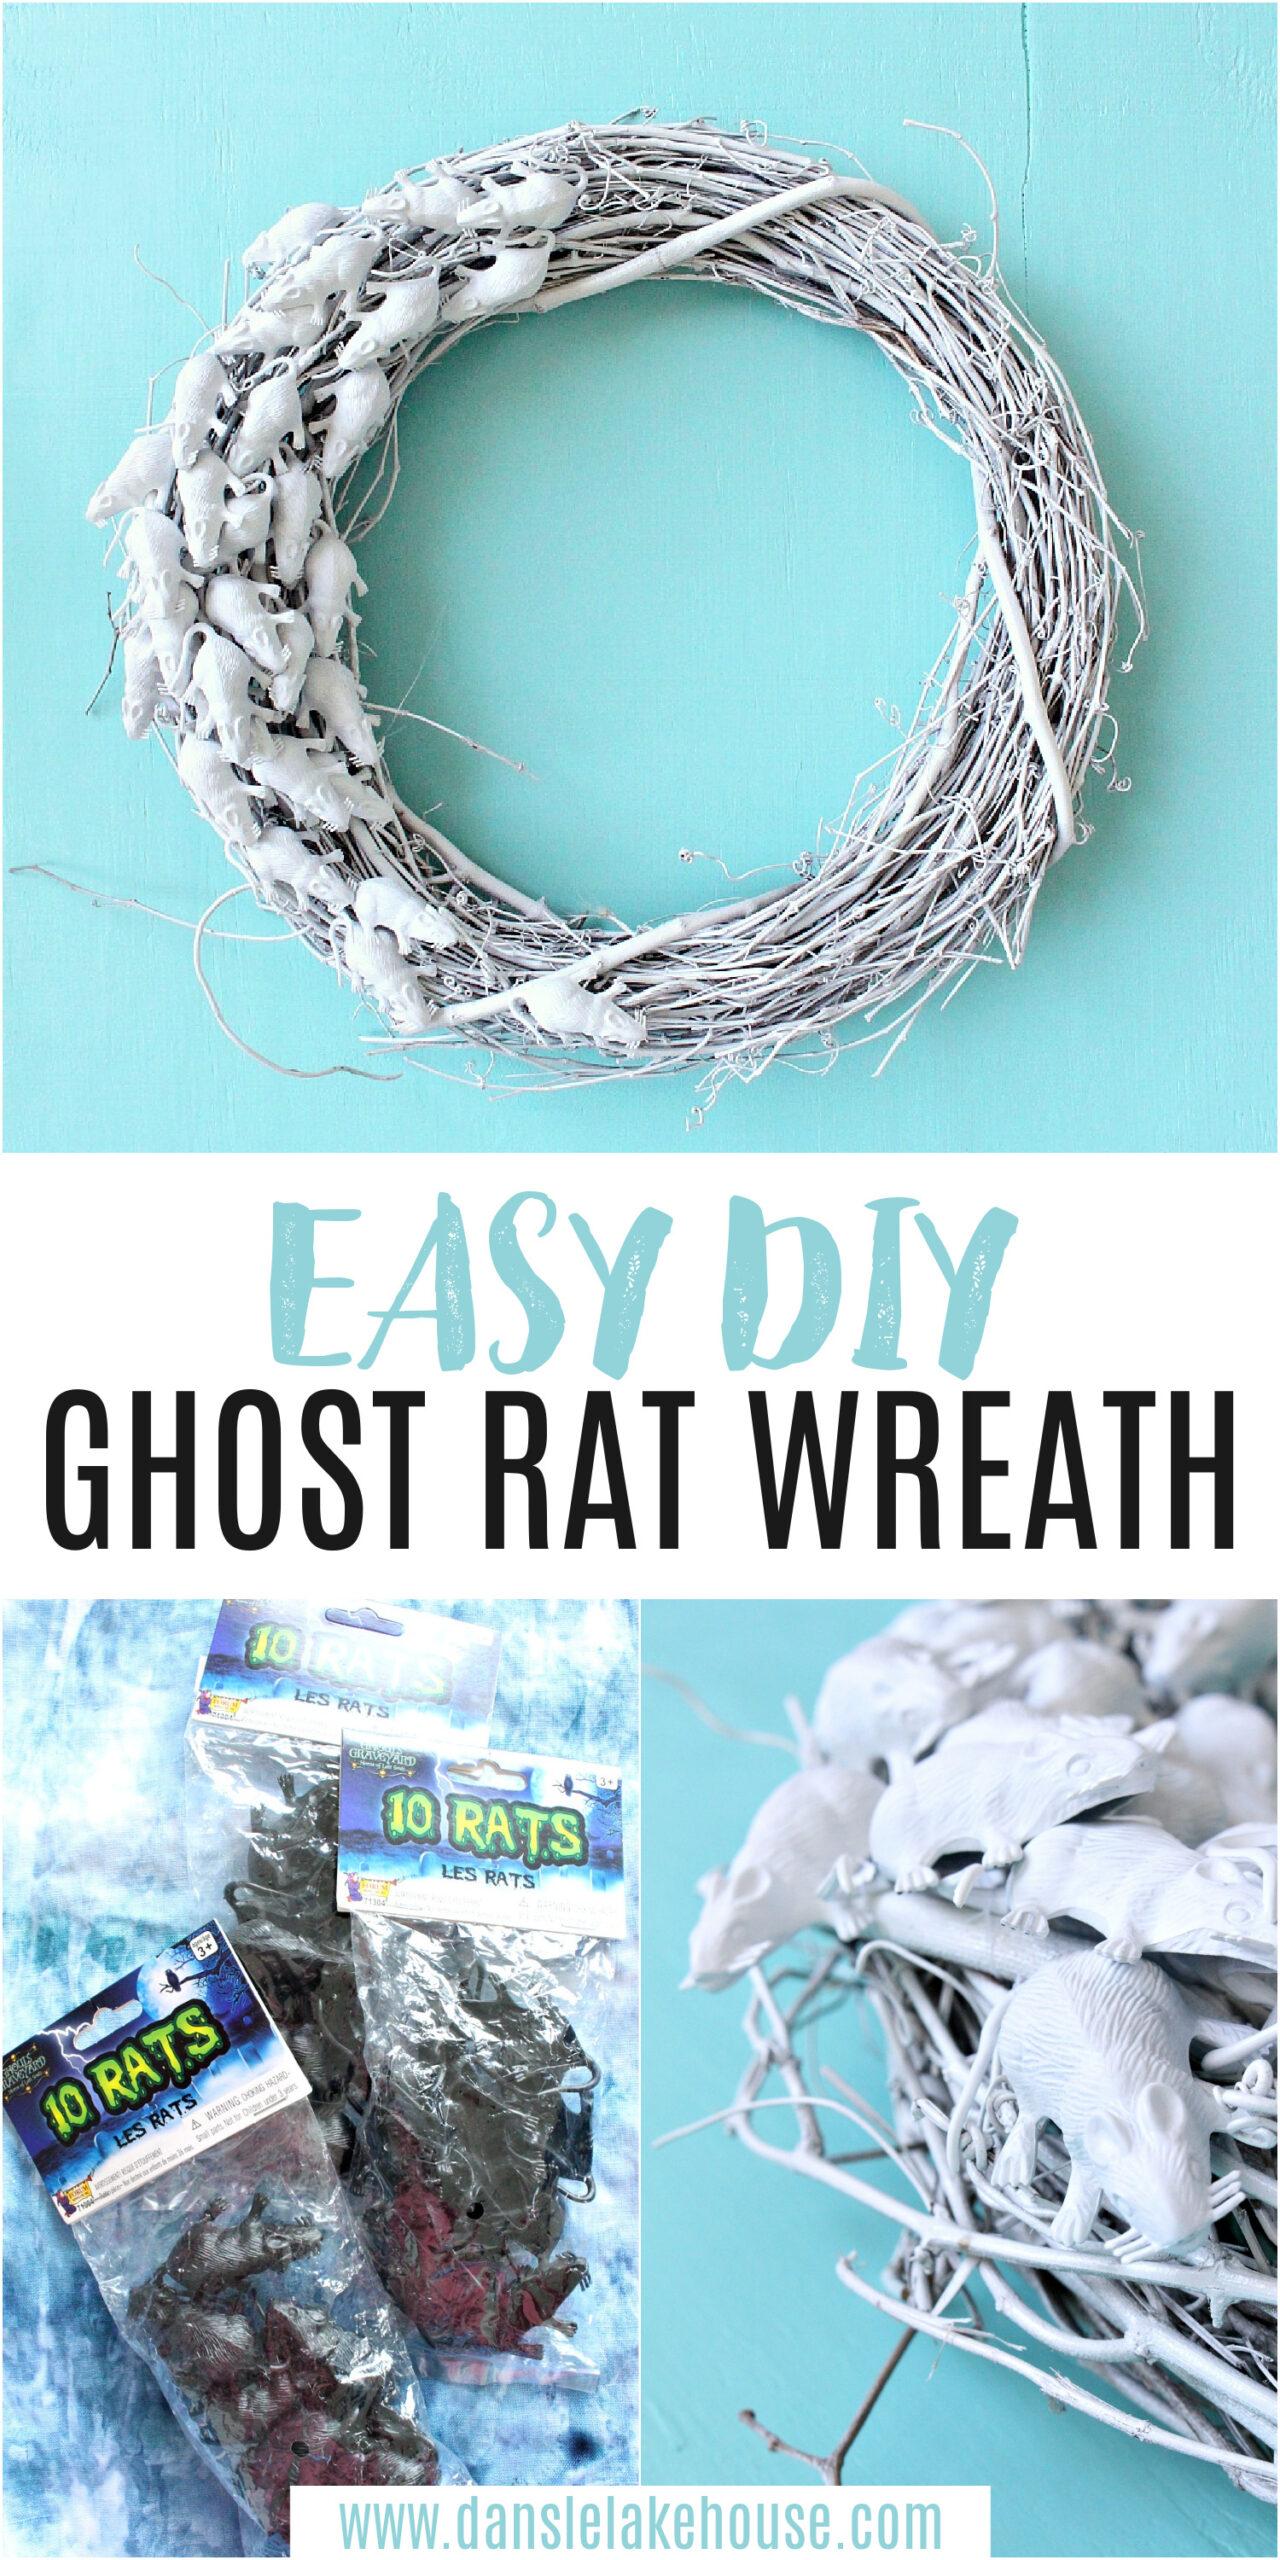 DIY Rat Wreath for Halloween